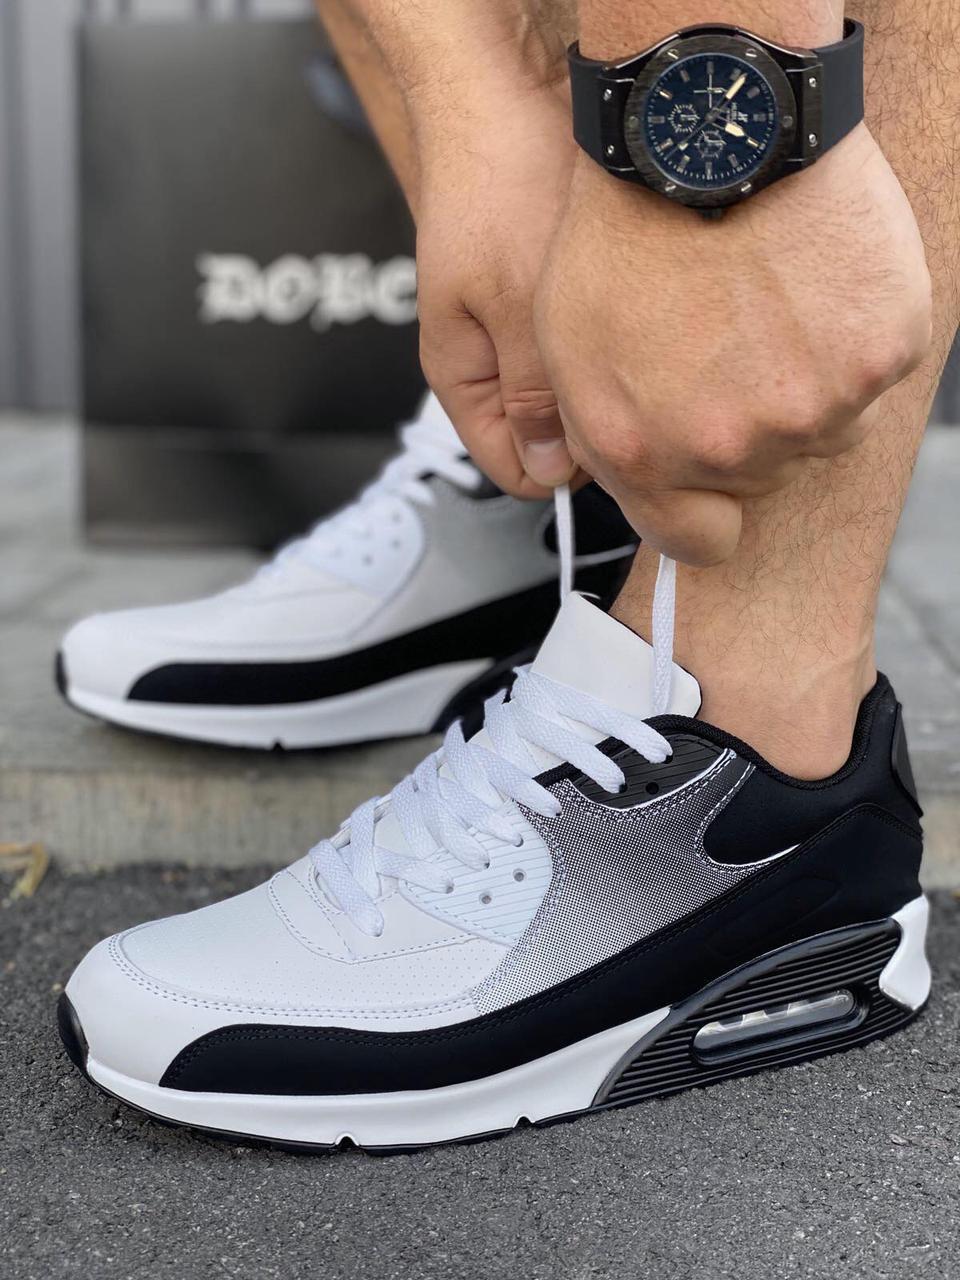 Мужские кроссовки в стиле Nike Air Max 90 обувь мужская демисезонная обувь Размеры 40,43,44,45